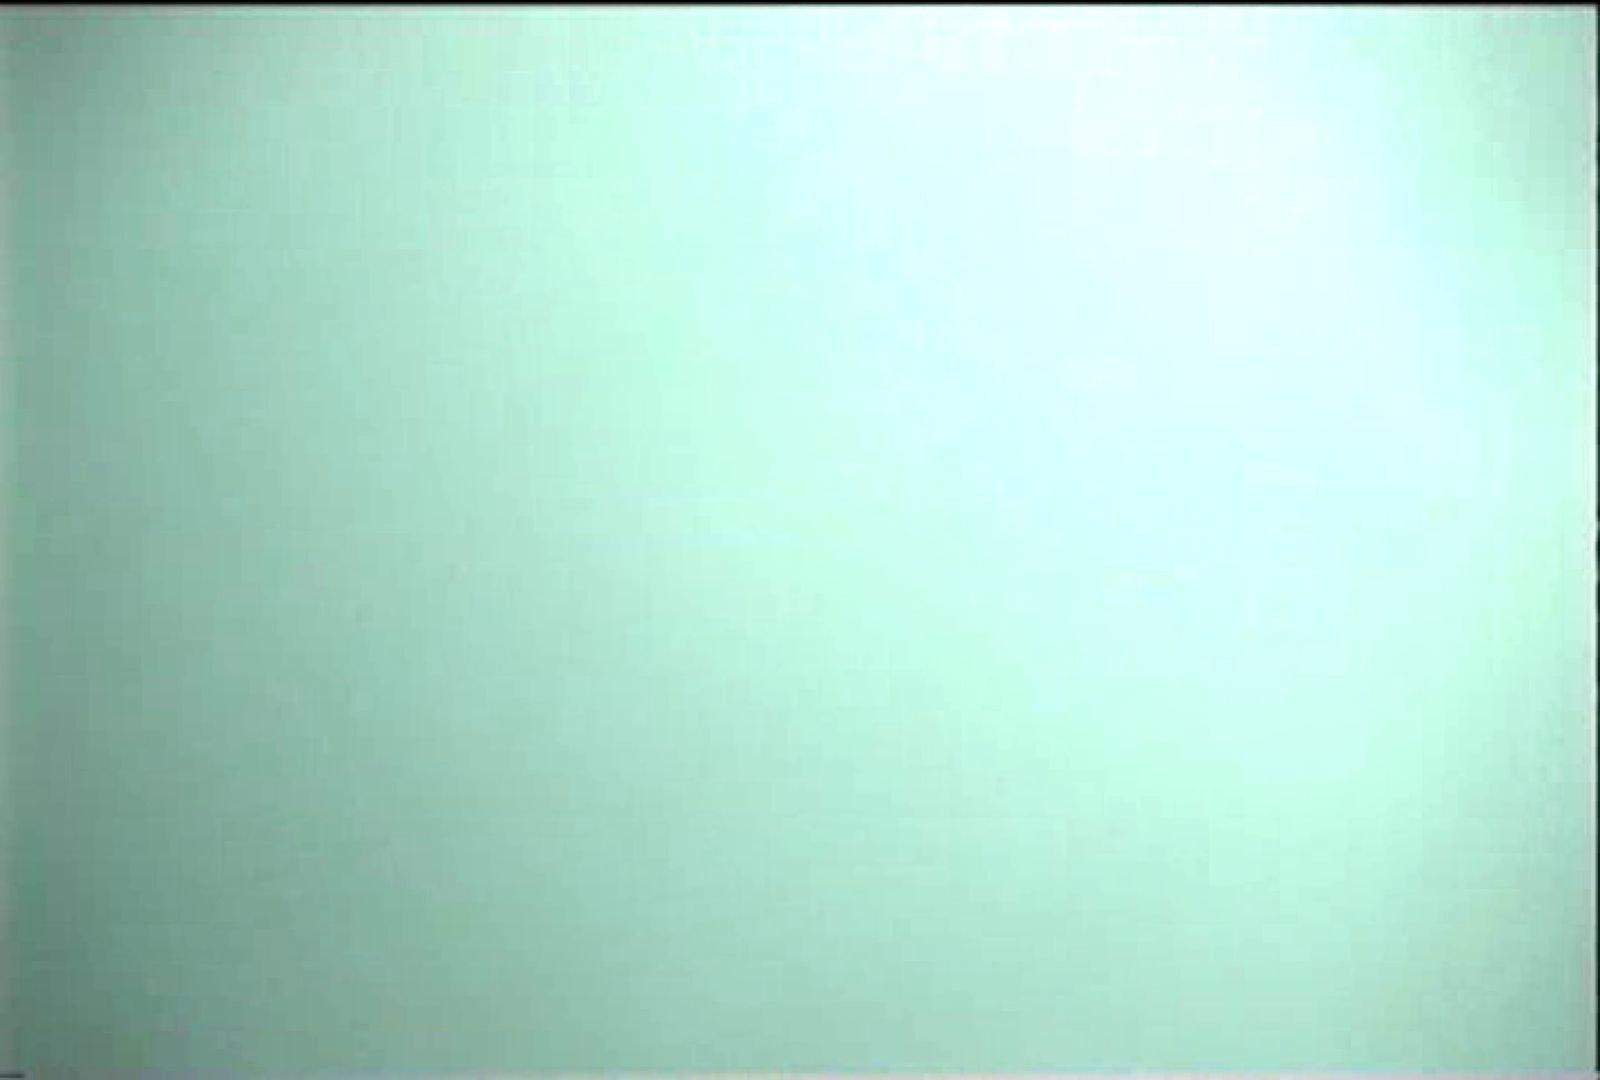 充血監督の深夜の運動会Vol.81 独身エッチOL | ギャルライフ  48pic 48